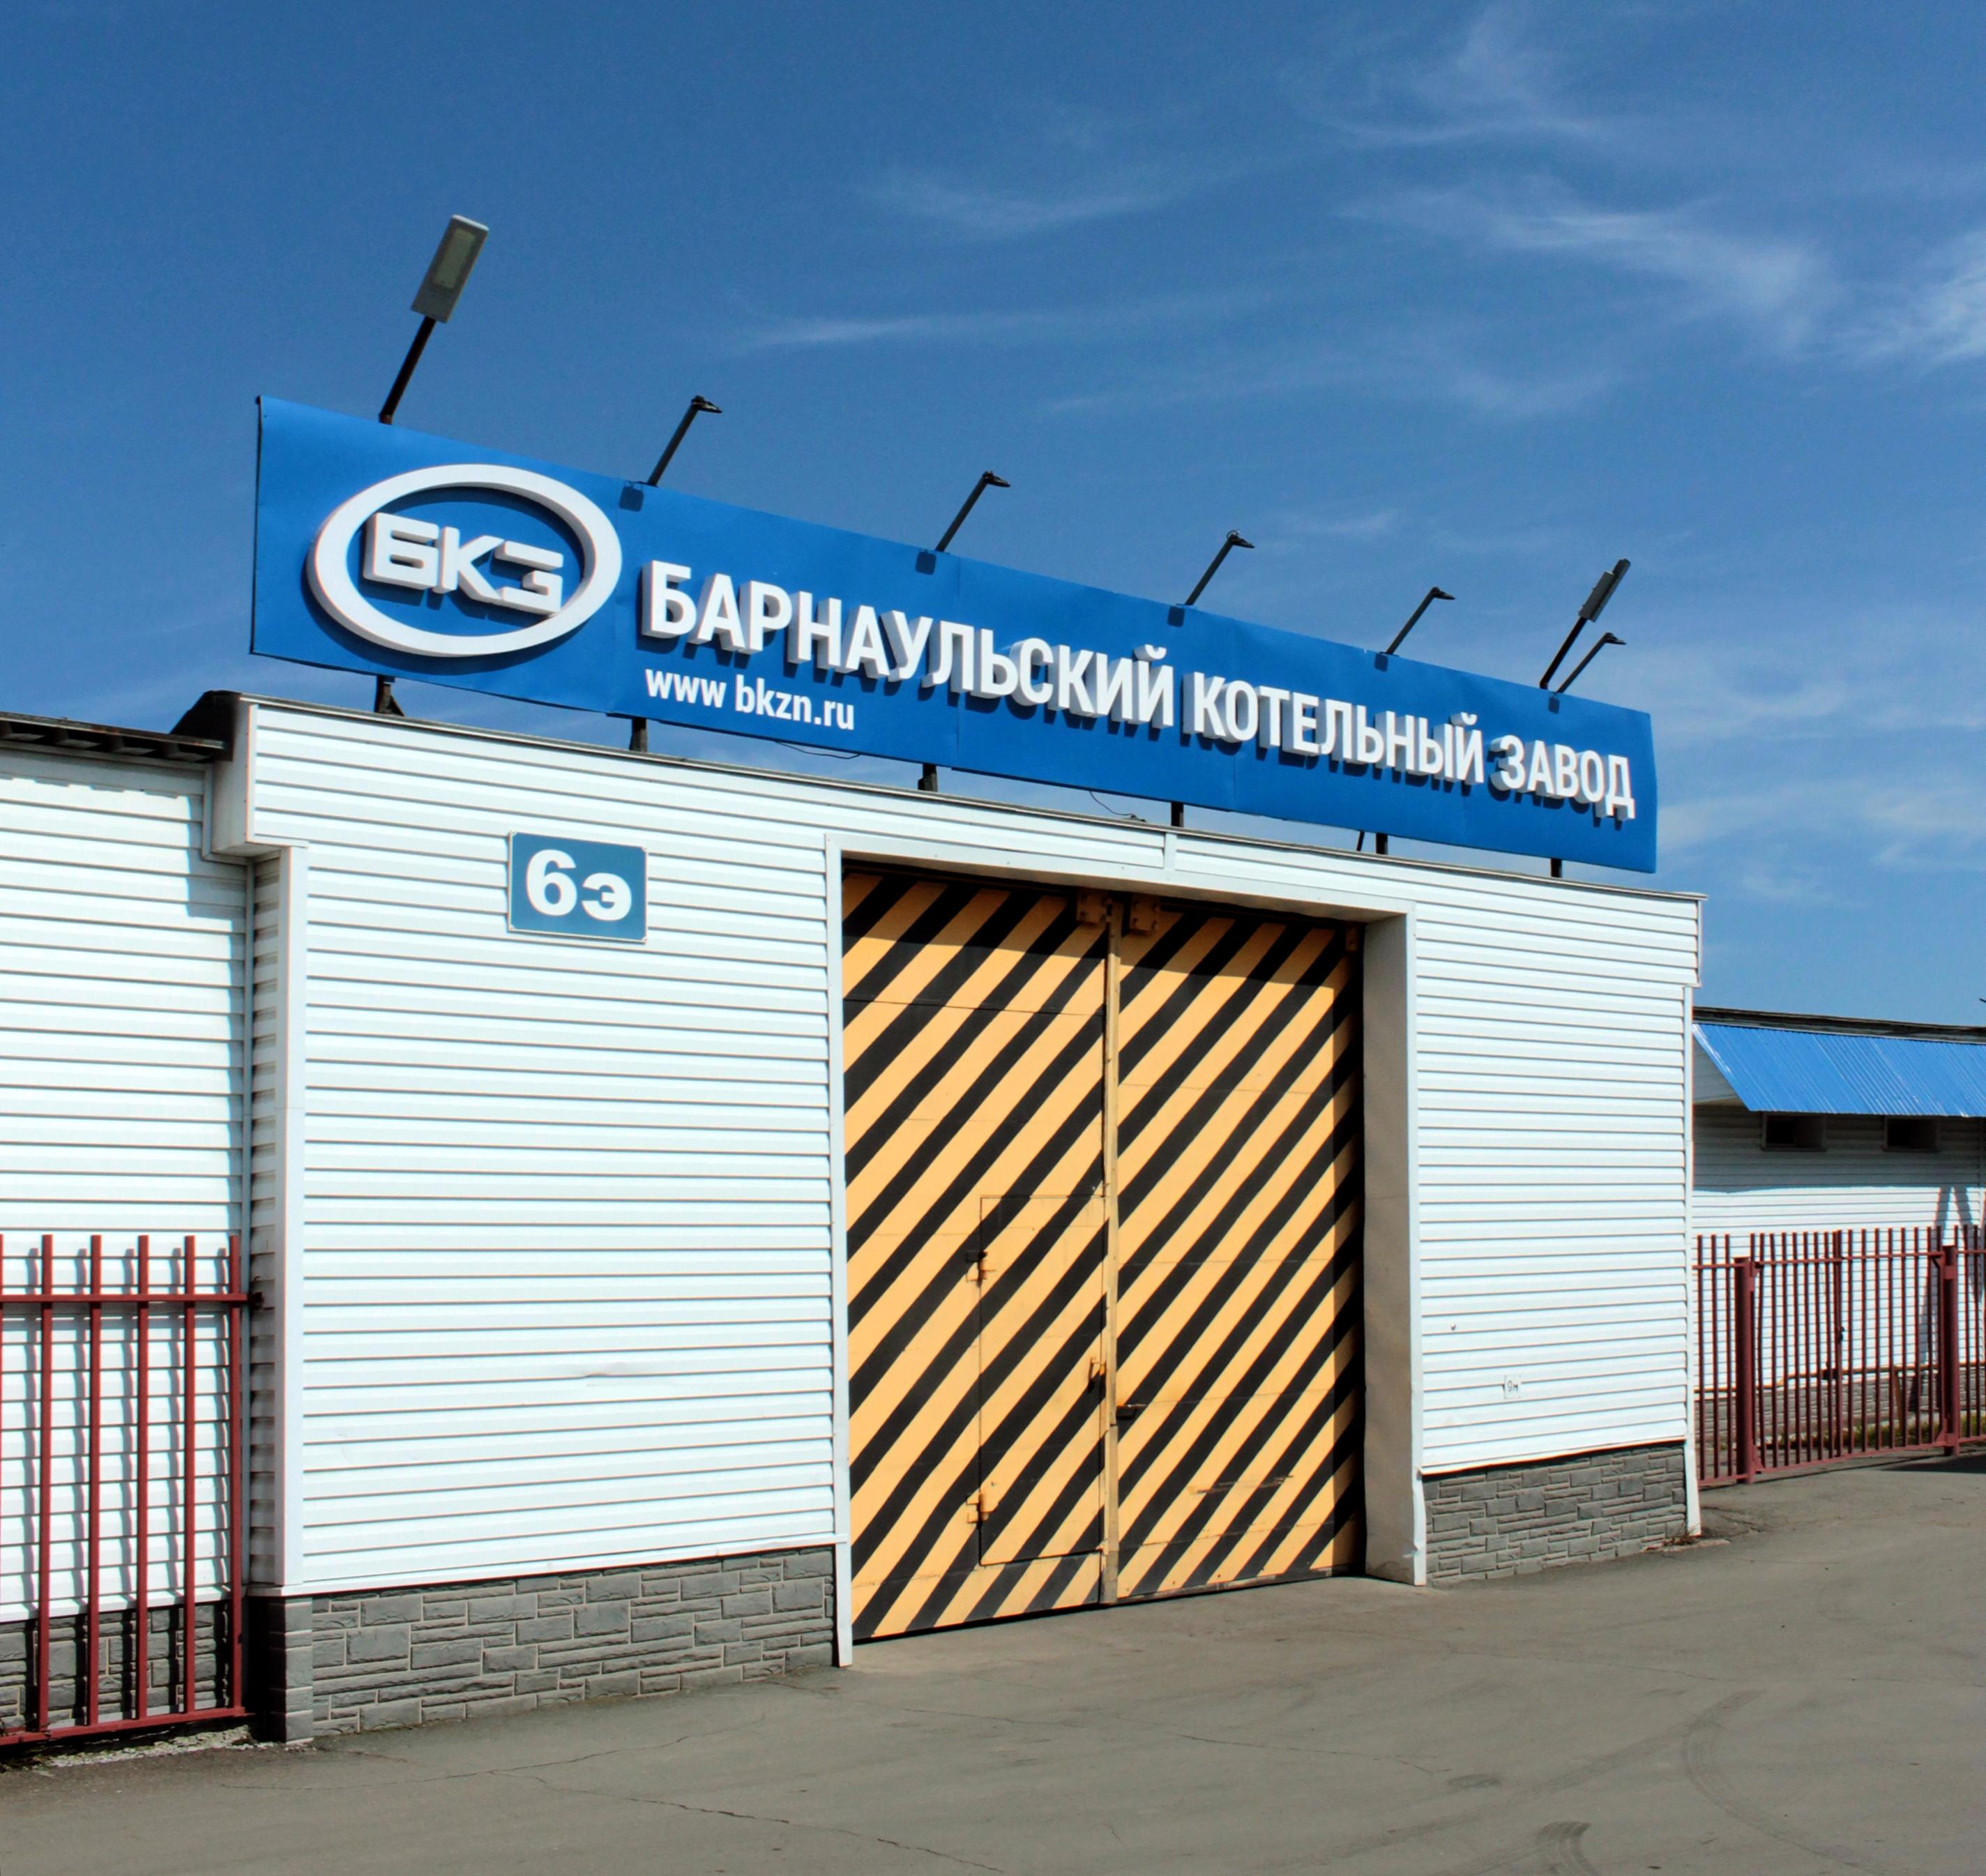 Барнаульский котельный завод